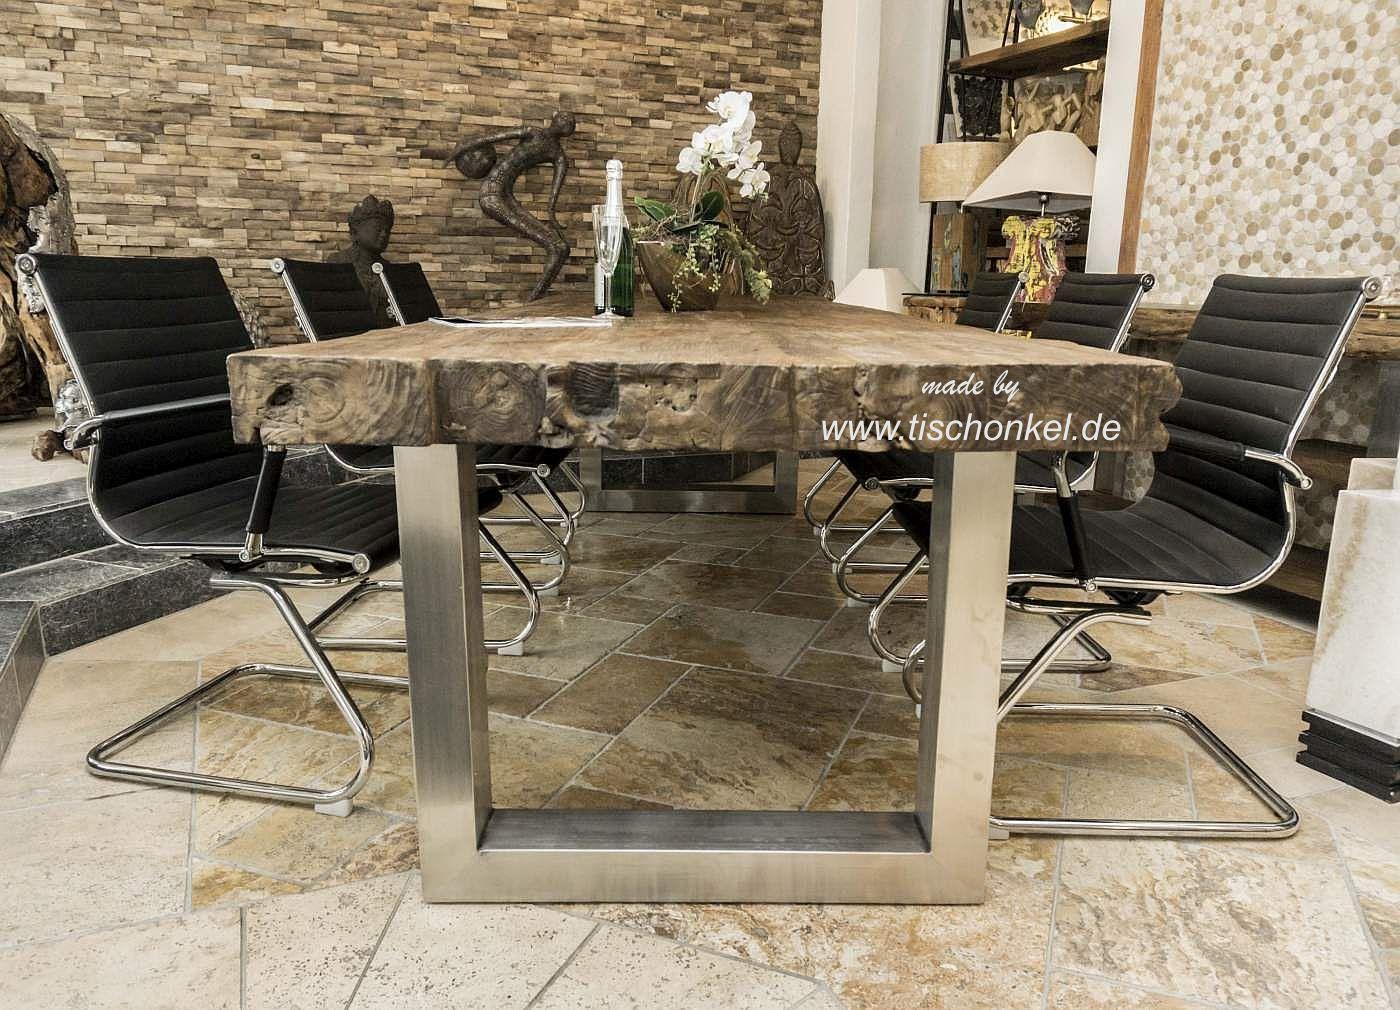 Esstisch für 8 Personen 300x100 cm Der Tischonkel